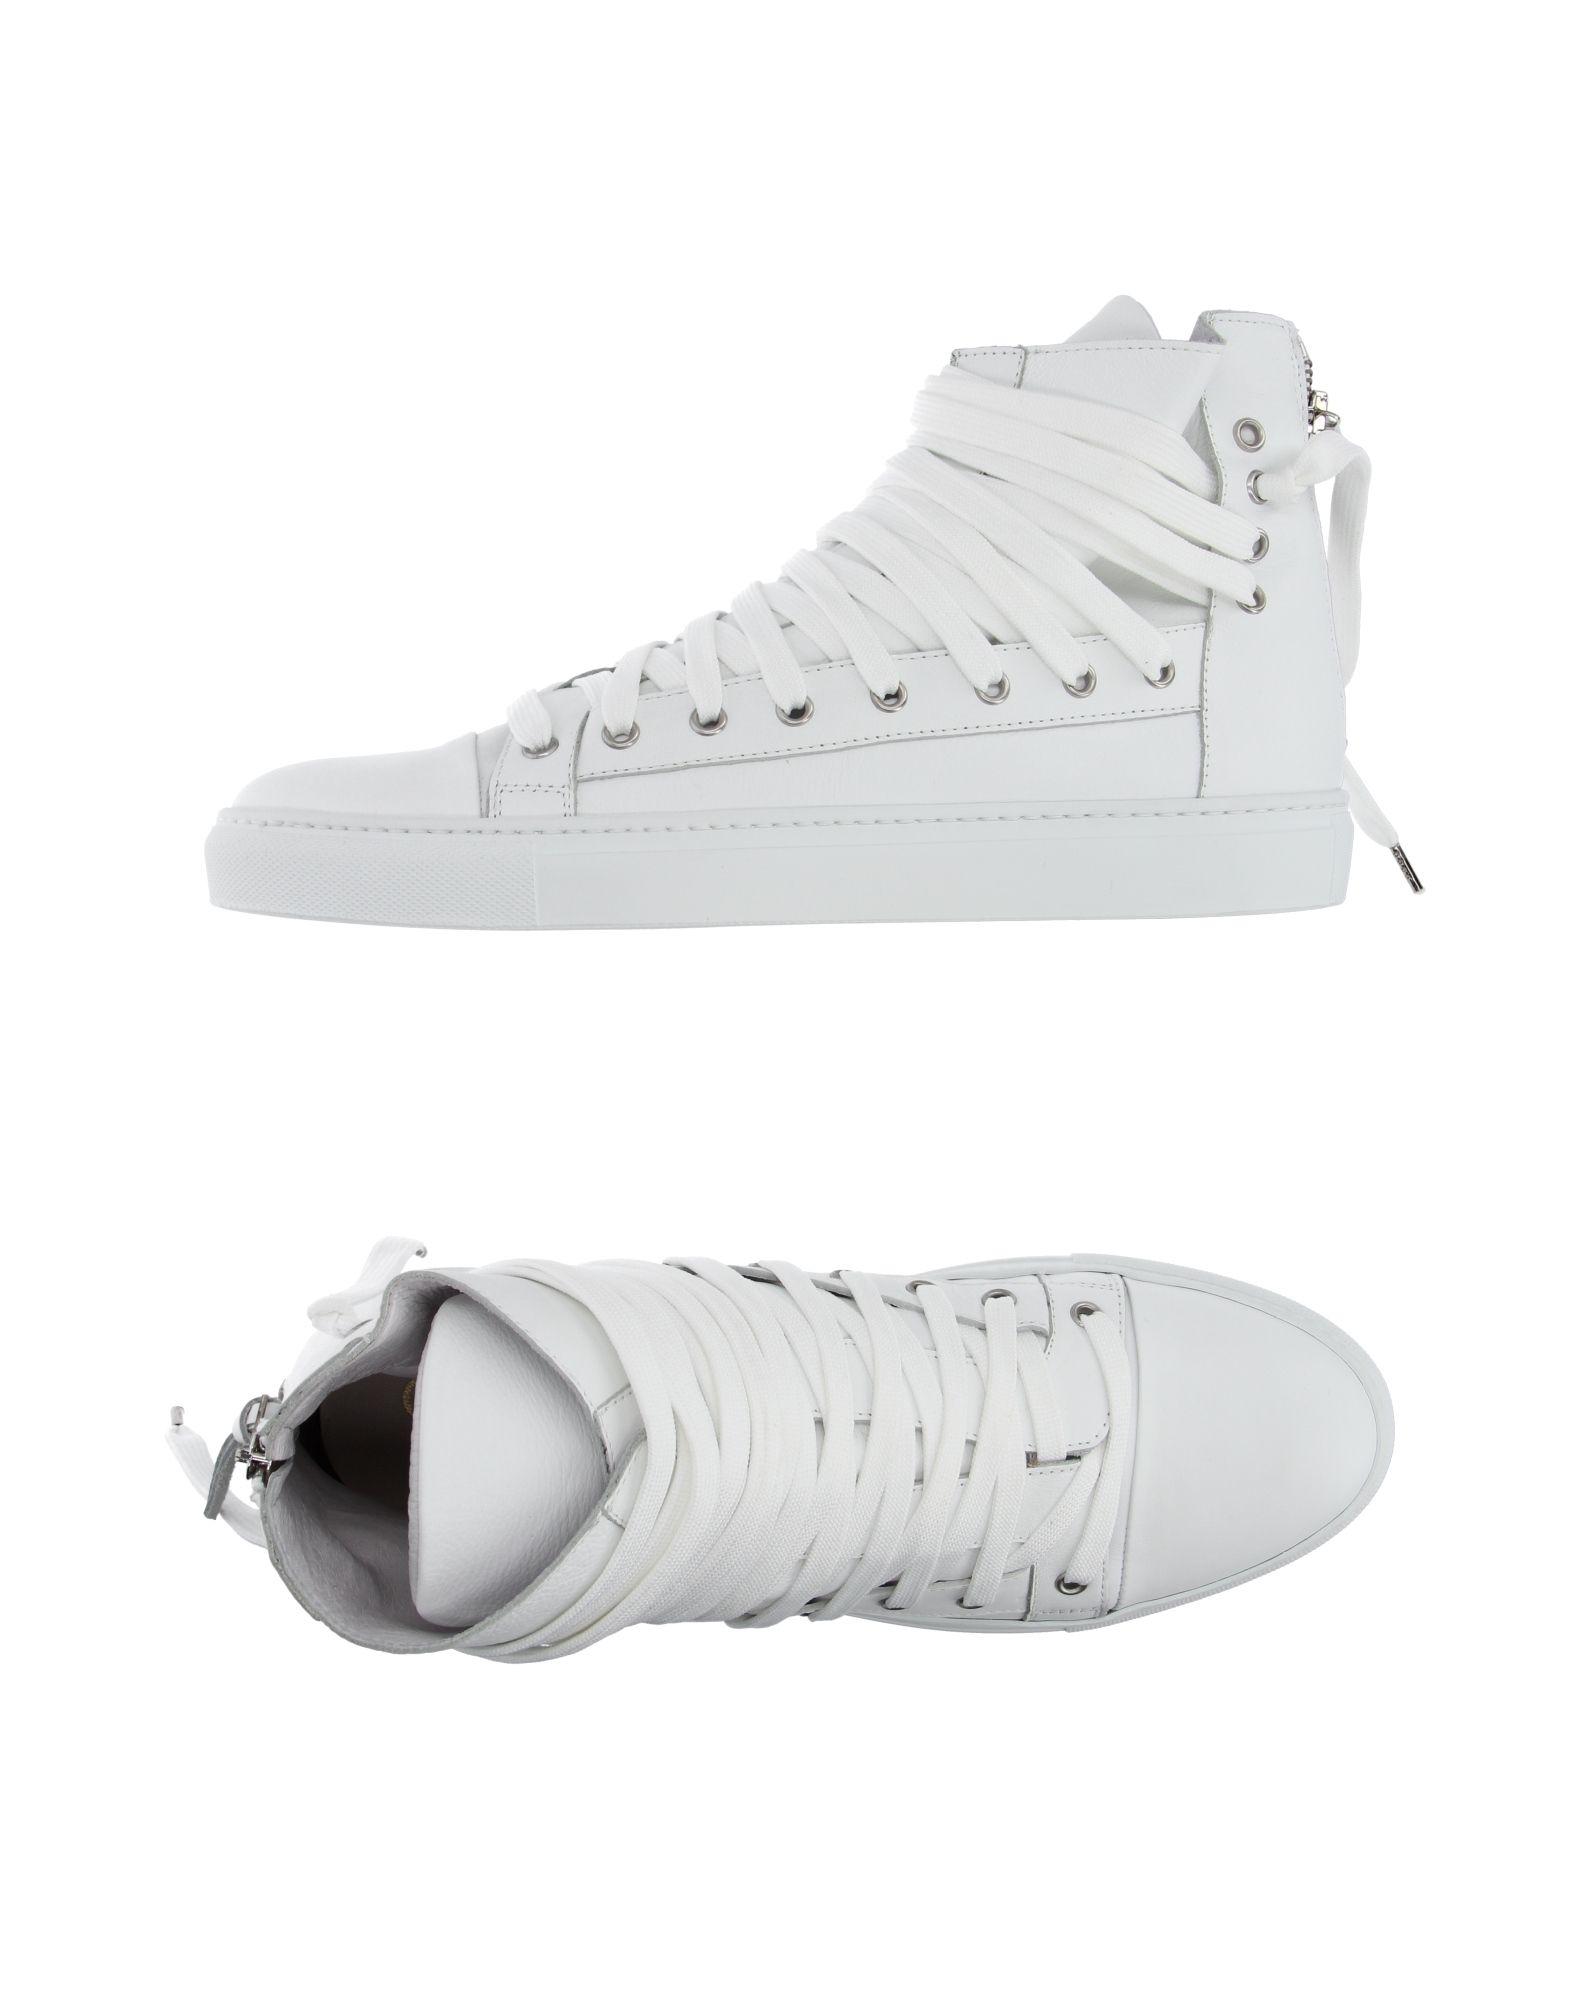 Rabatt echte Schuhe Herren O★M  Orzo & Malto Sneakers Herren Schuhe  11041298FF 167fc2